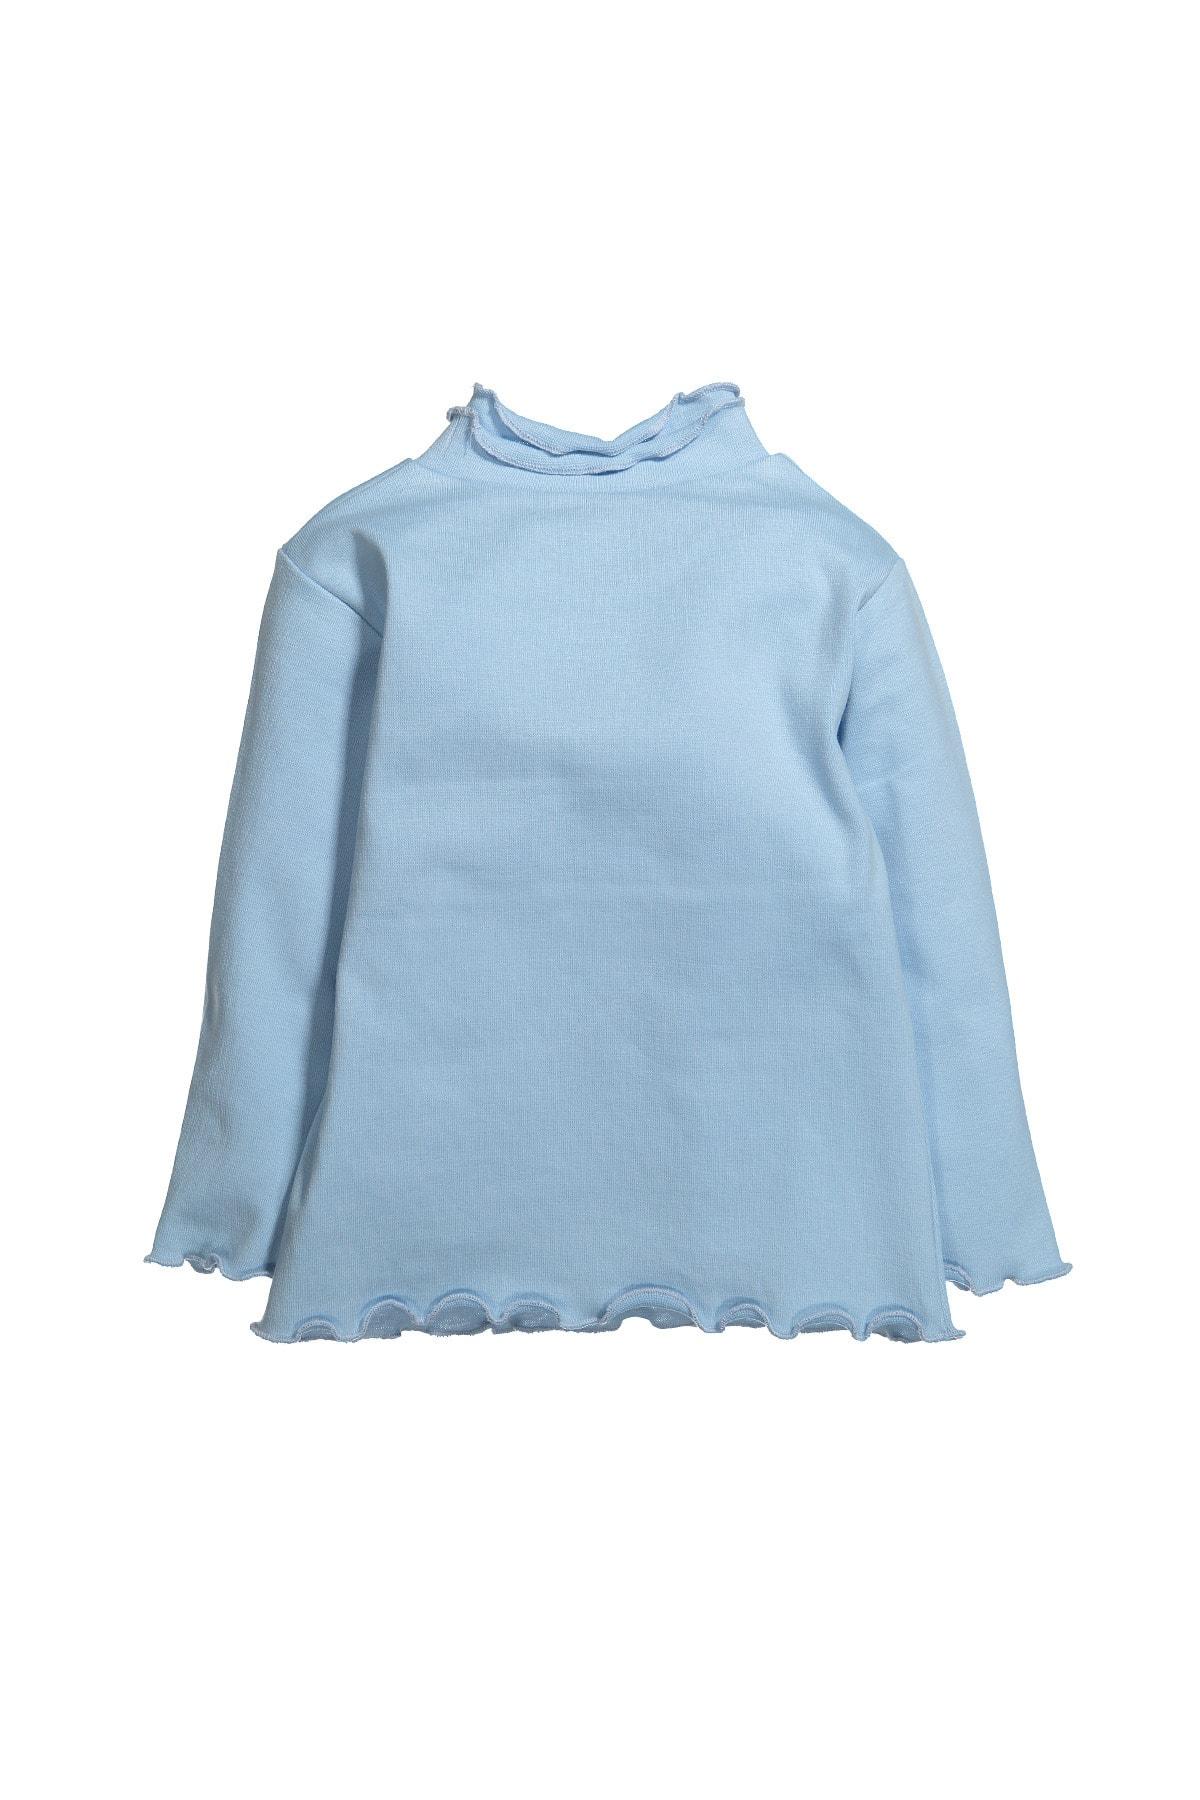 Zeyland Balıkçı Yaka Fırfırlı Uzun Kollu T-shirt (6ay-12yaş) 2